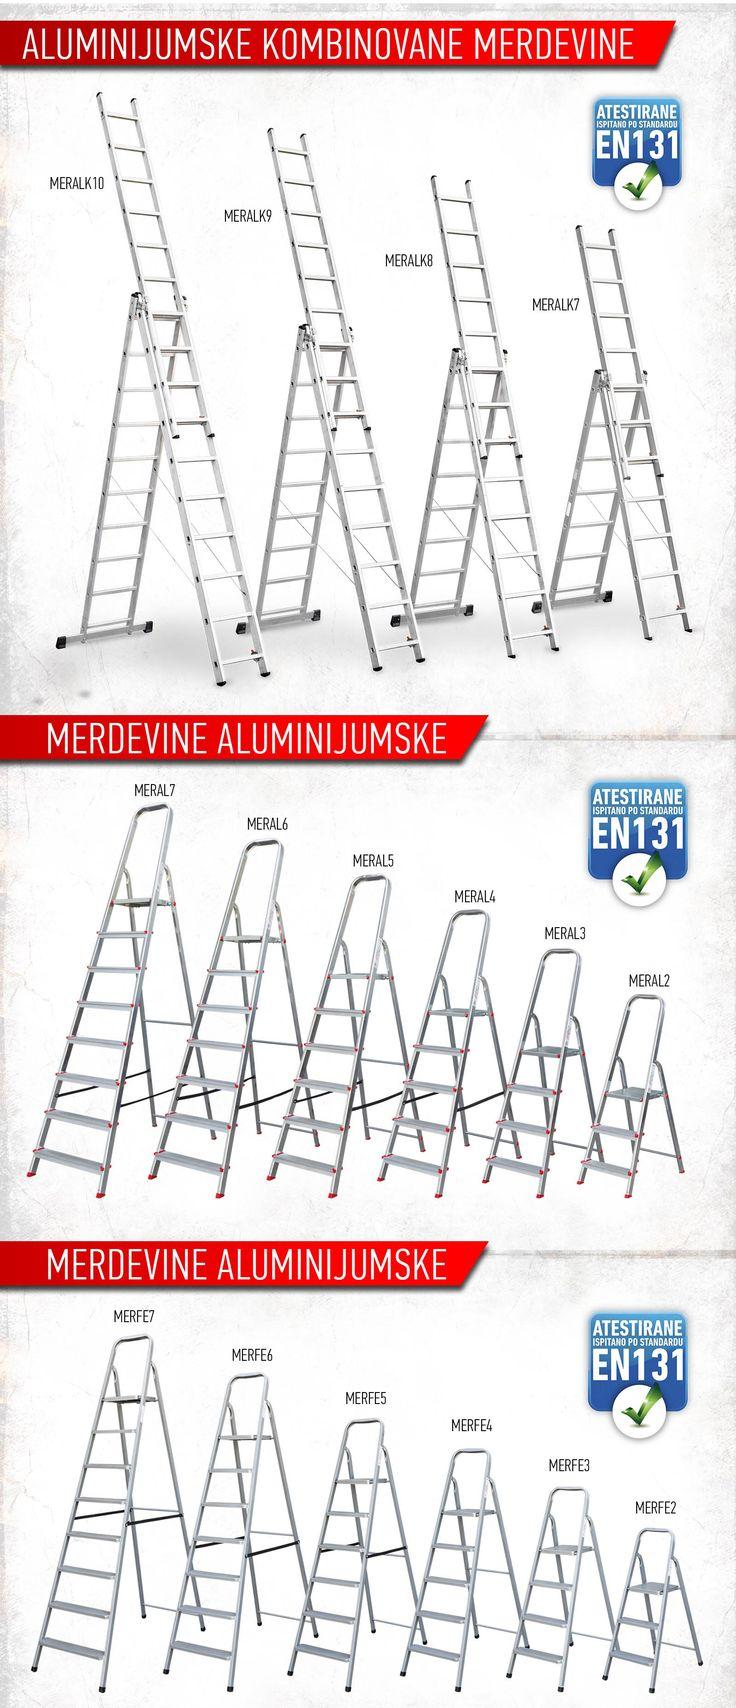 #BEOROL - ALUMINIJUMSKE #MERDEVINE ALUMINIUM #LADDERS www.beorol.com #tools #construction #alat #majstori #keramičari #moleri